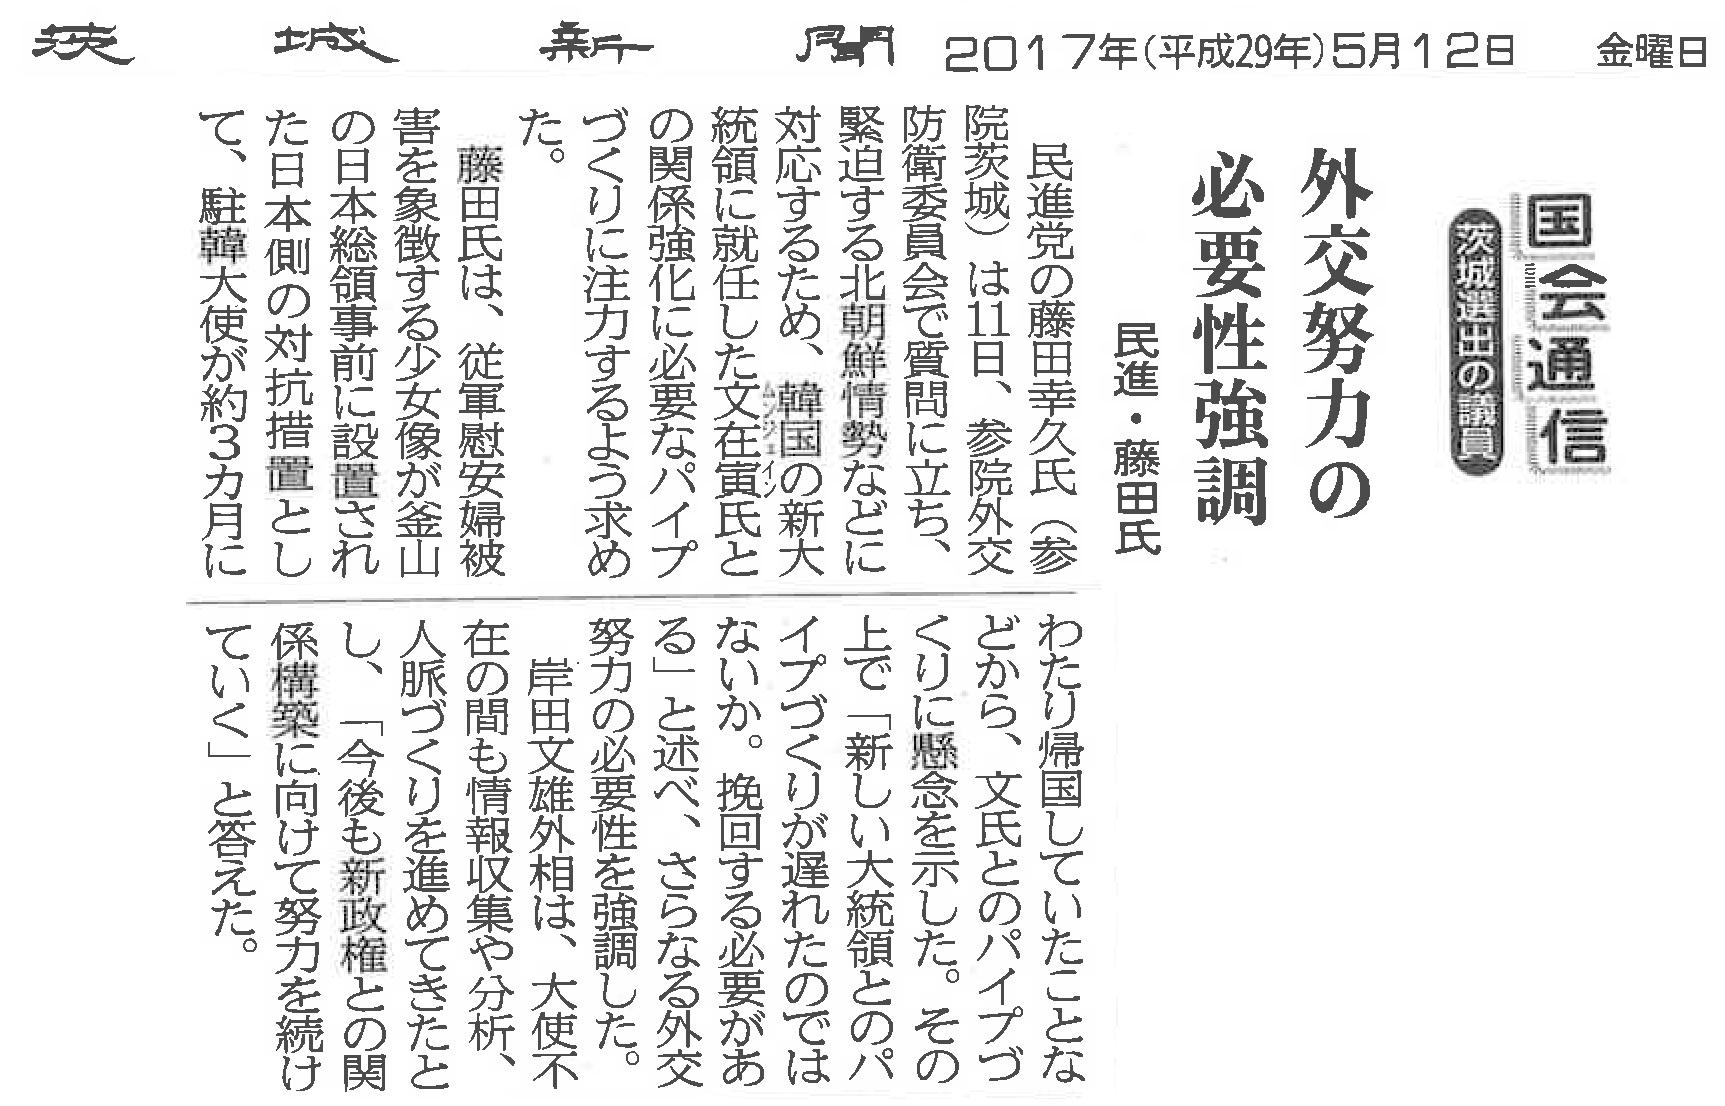 【茨城新聞】国会通信 外交努力の必要性強調